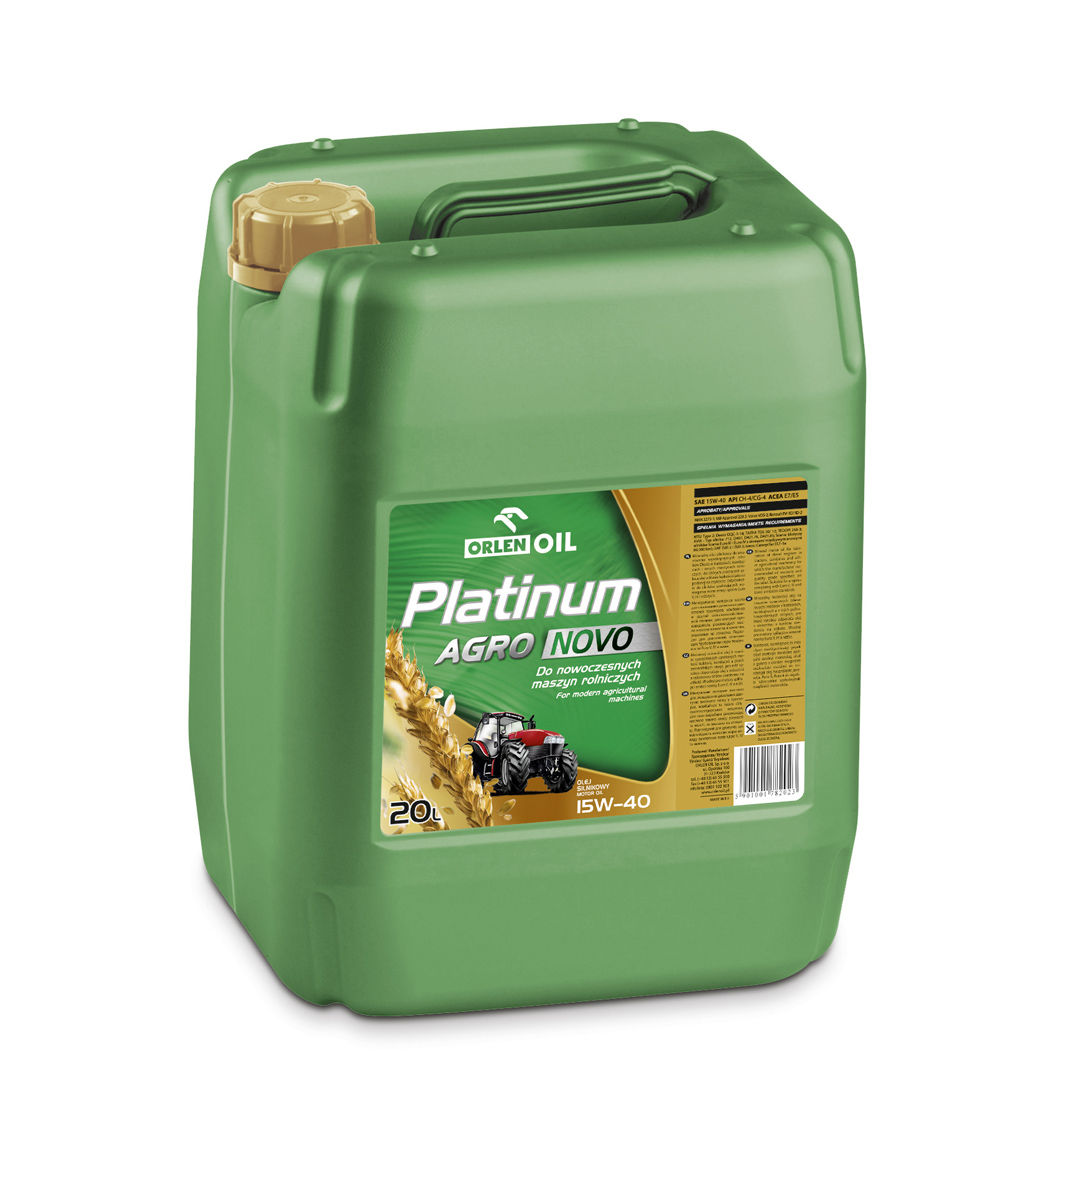 PLATINUM AGRO NOVO 15W-40 20L